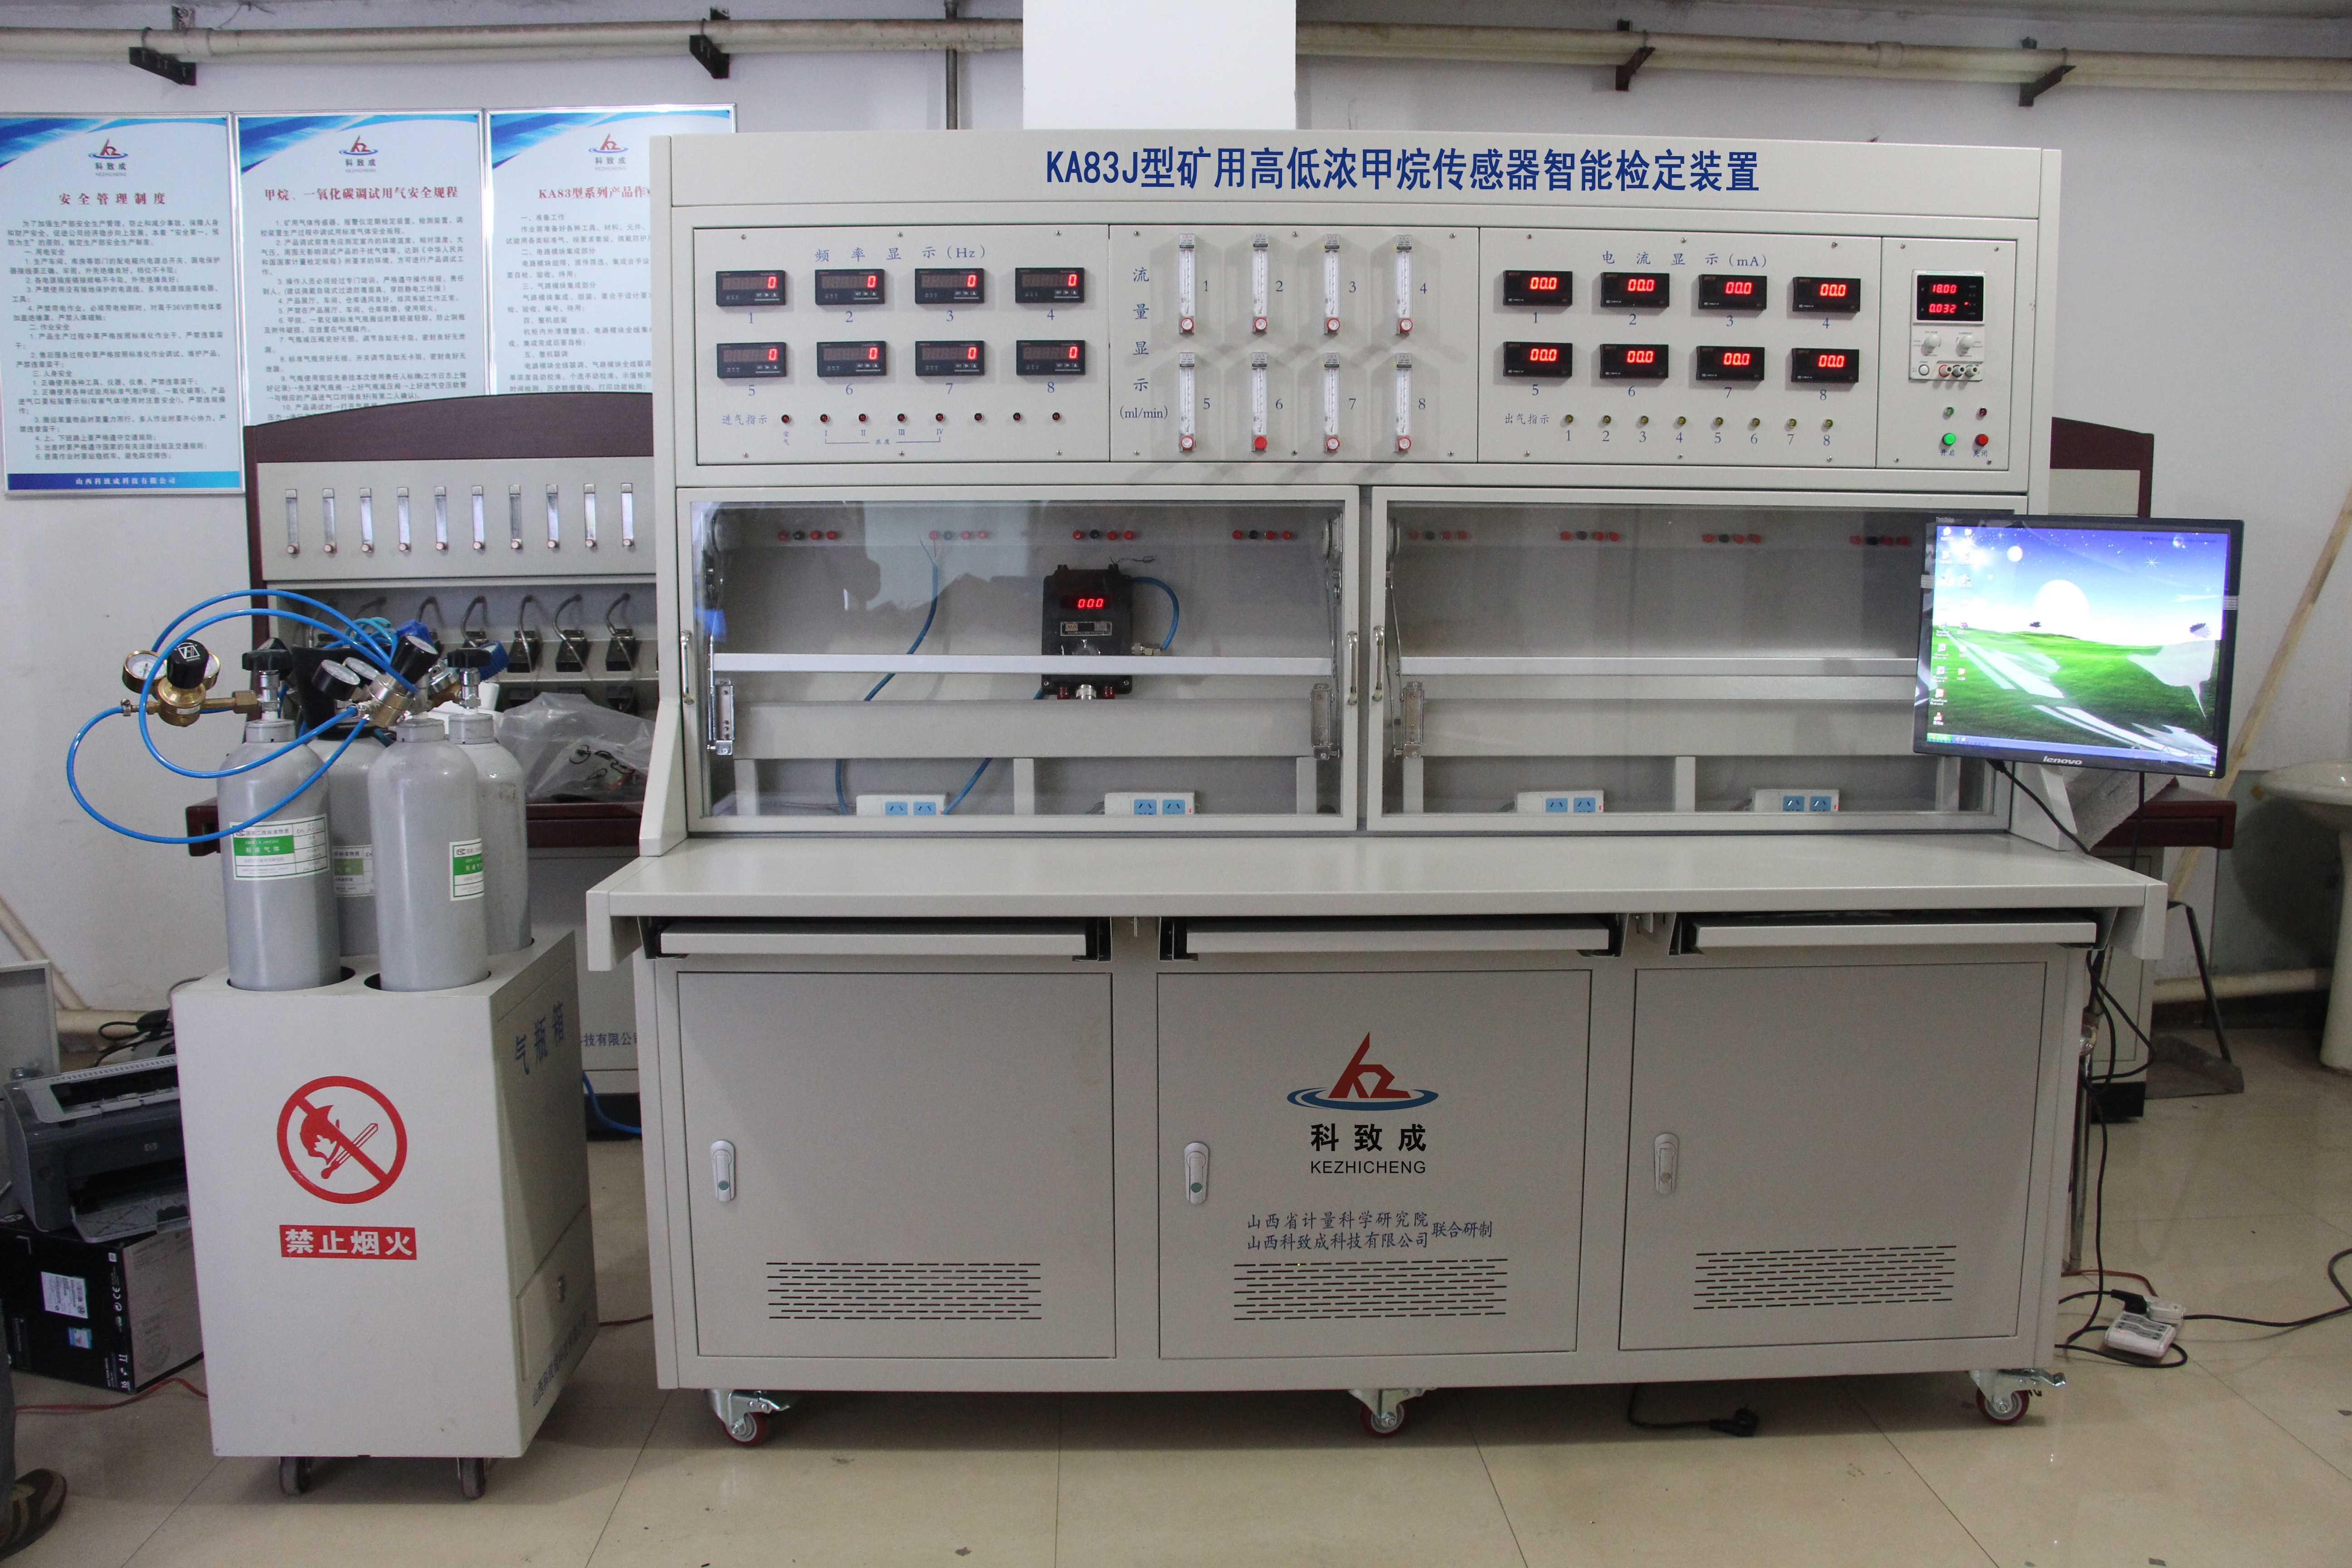 KA83J型高低浓度甲烷传感器智能必威官网亚洲体育装置